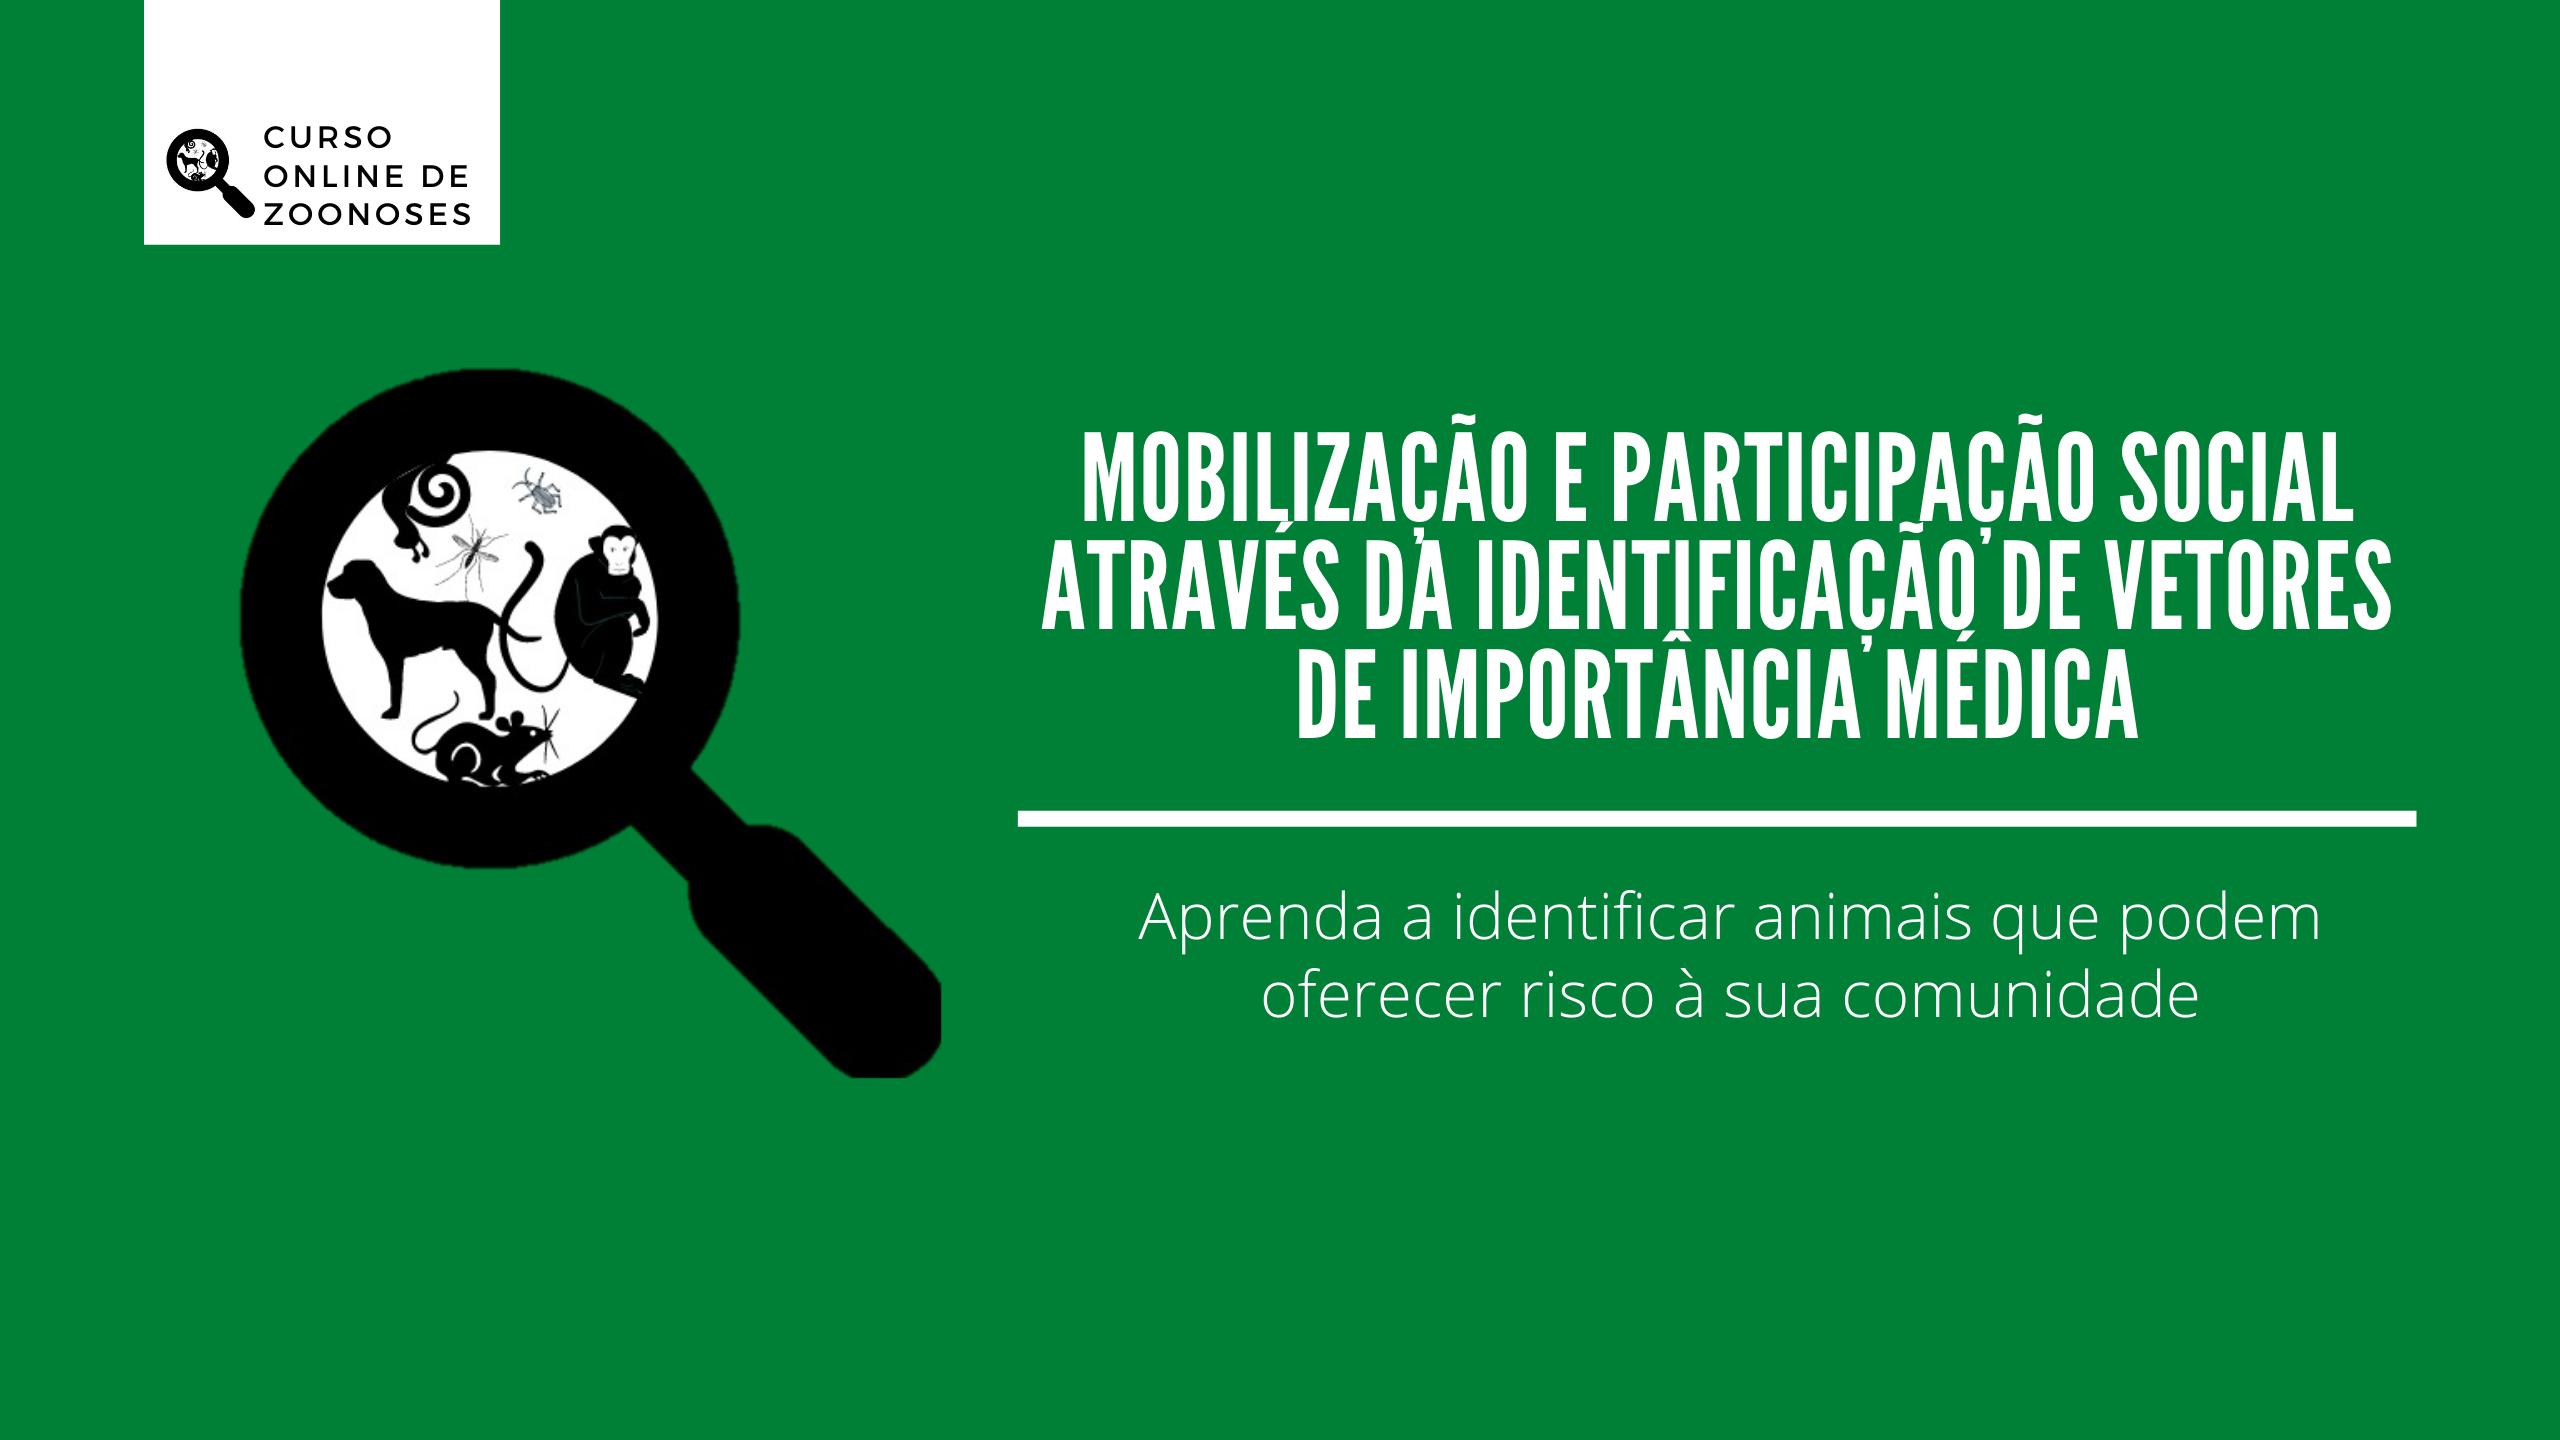 Mobilização e Participação Social Através da Identificação de Vetores de Importância Médica